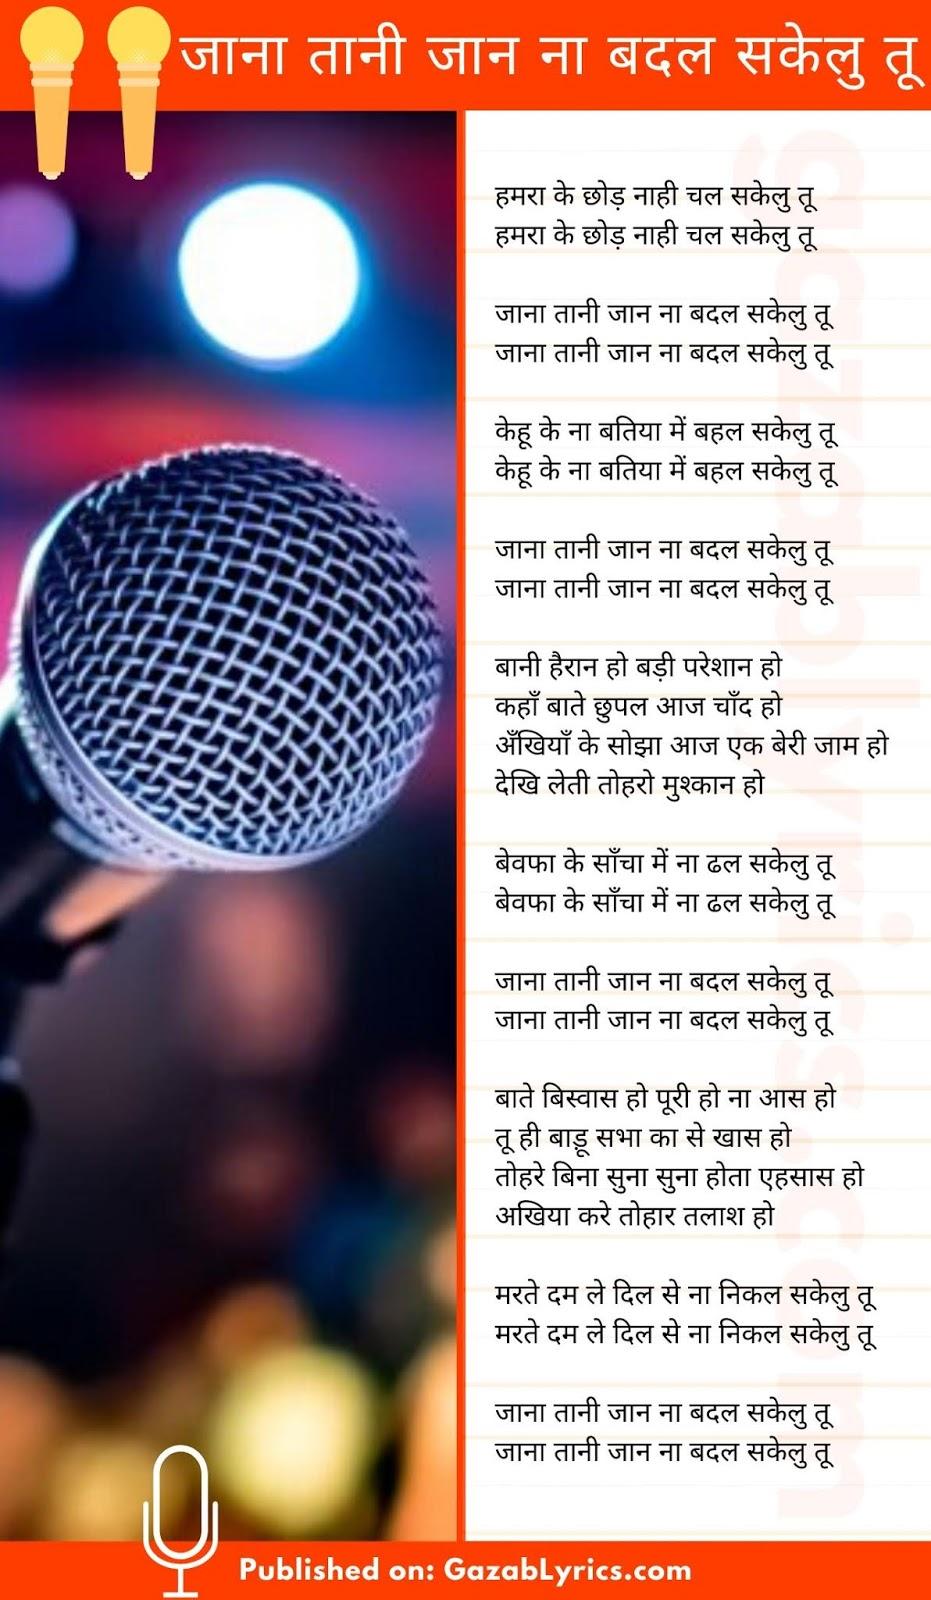 Jana Tani Jaan Na Badal Sakelu Tu image